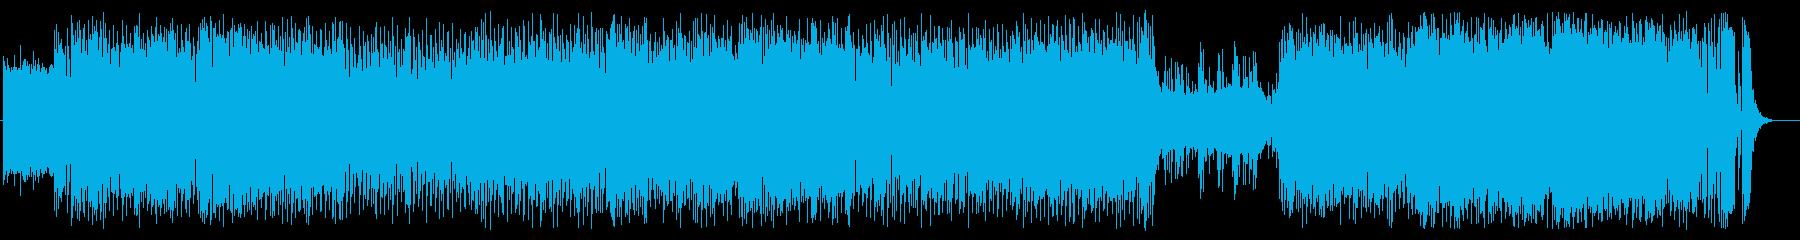 疾走感のシンセ・ギターなどの曲の再生済みの波形